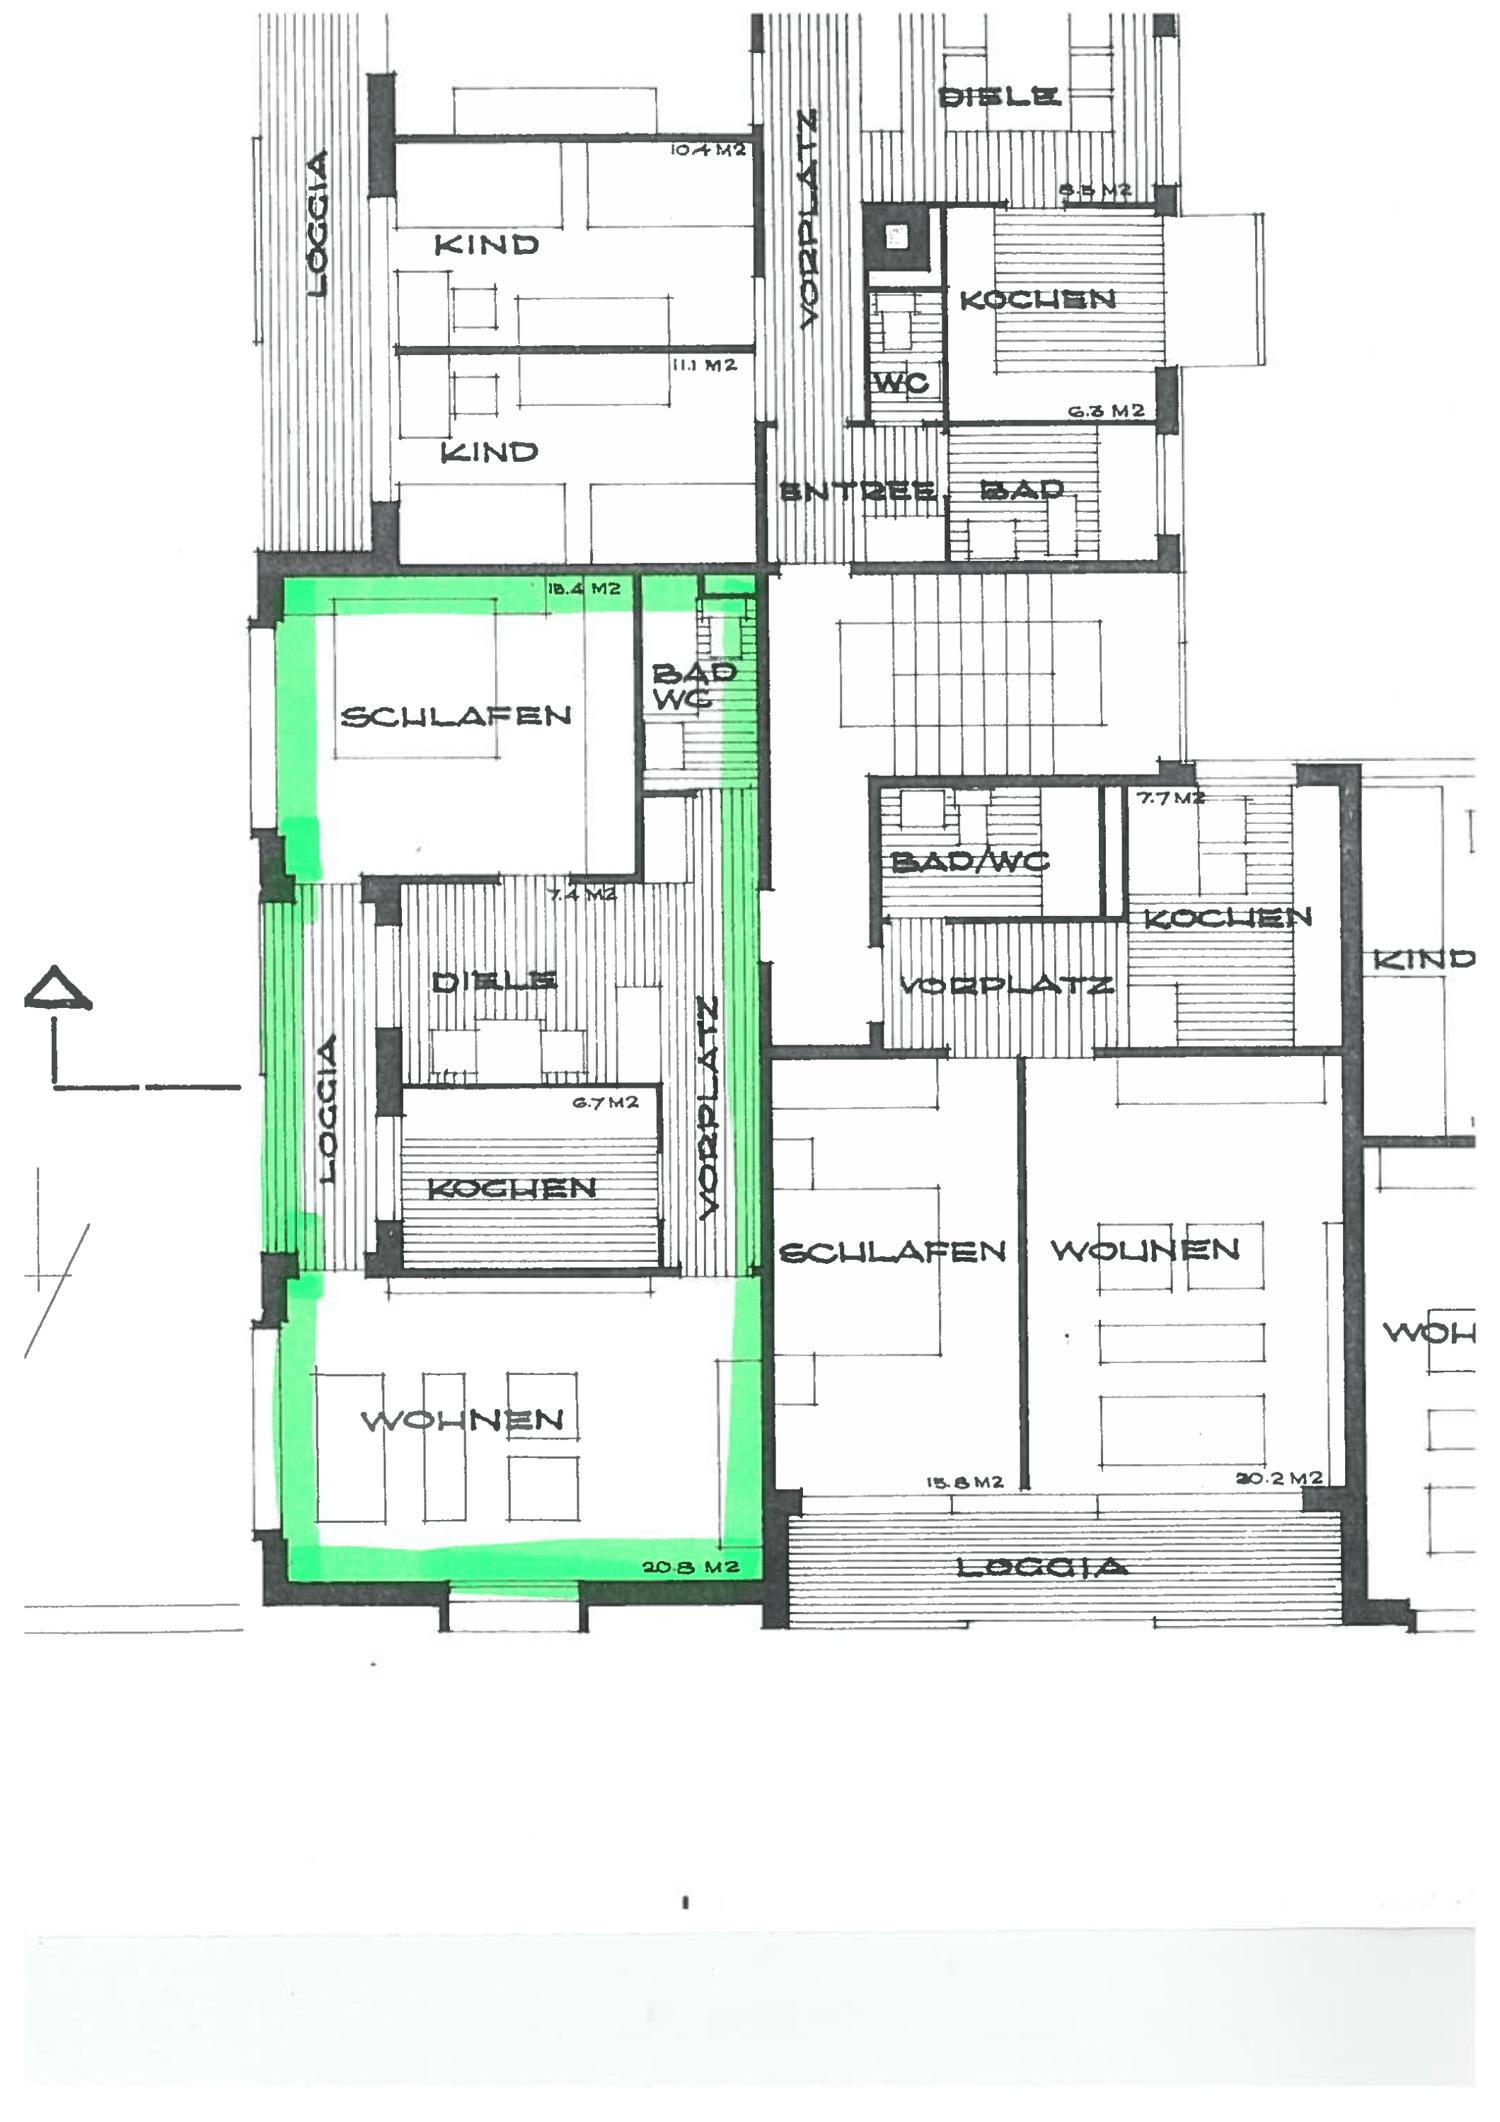 Kleindorfstrasse 83